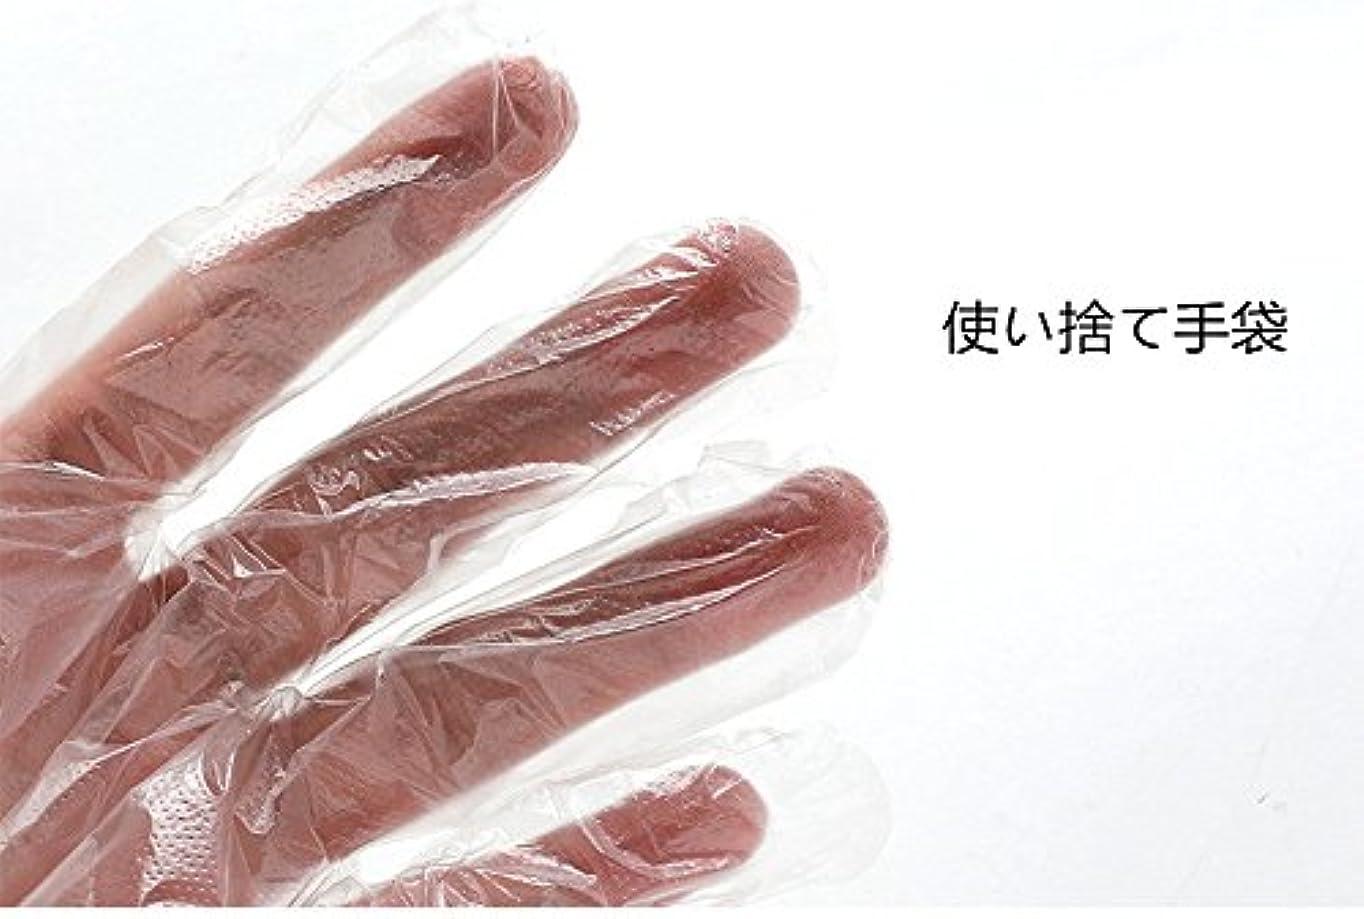 火山学者ゲートウェイ電卓使い捨て手袋 左右兼用 掃除 介護 極薄ビニール手袋 ポリエチレン 透明 実用 衛生 95枚